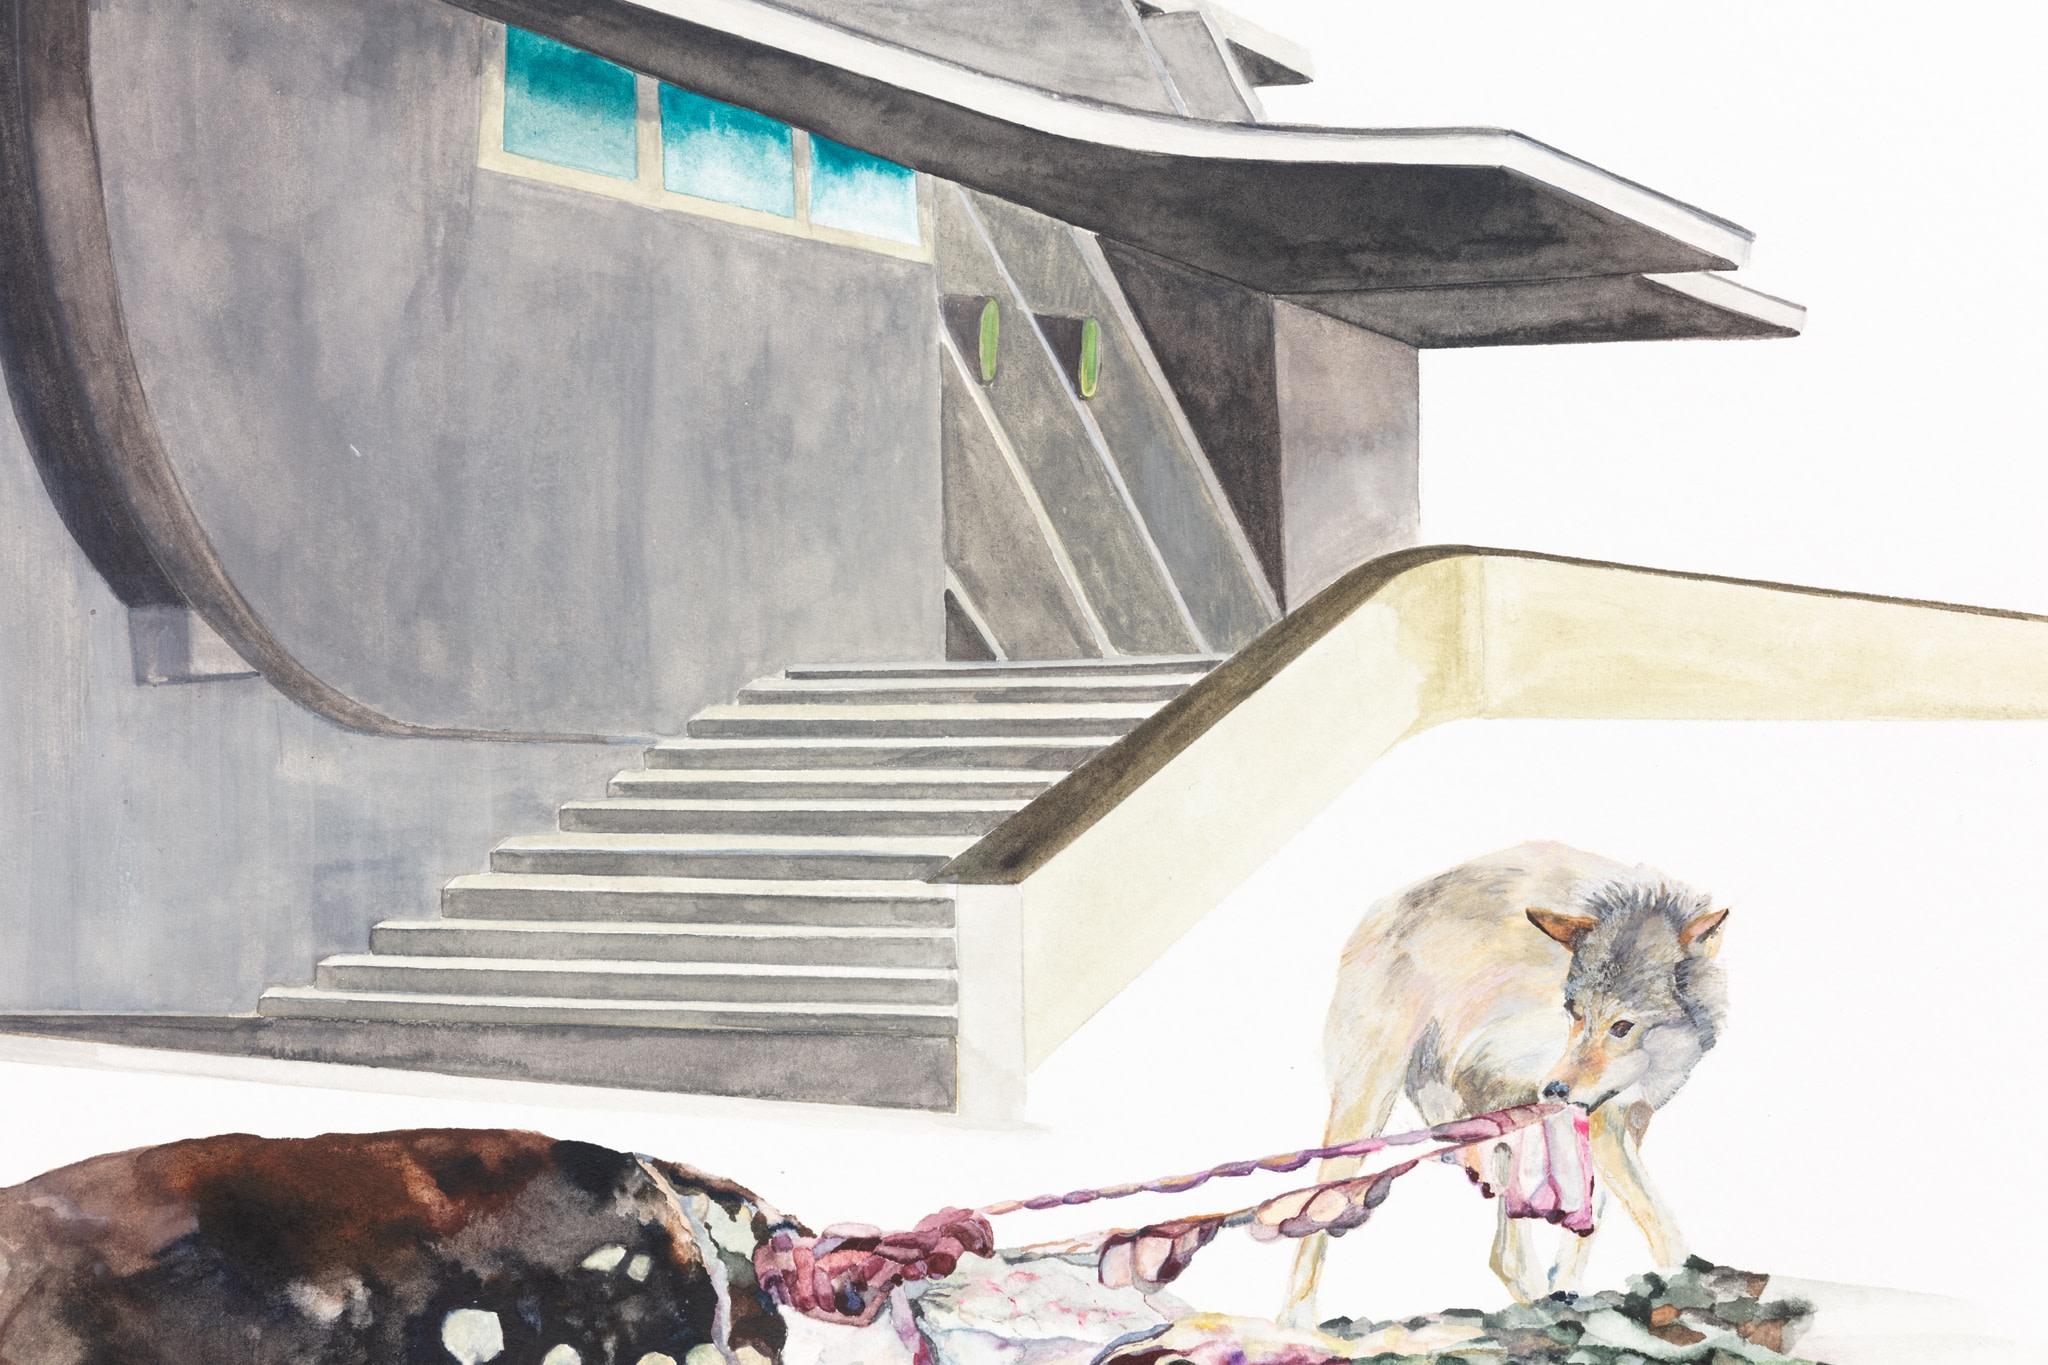 Detail: Isa Melsheimer, Nr. 472, 2021, gouache on paper, 70 x 100 cm (27 1/2 x 39 3/8 in) (unframed), 79 x 109 x 4 cm (31 1/8 x 42 7/8 x 1 5/8 in) (framed). Photo © Andrea Rossetti